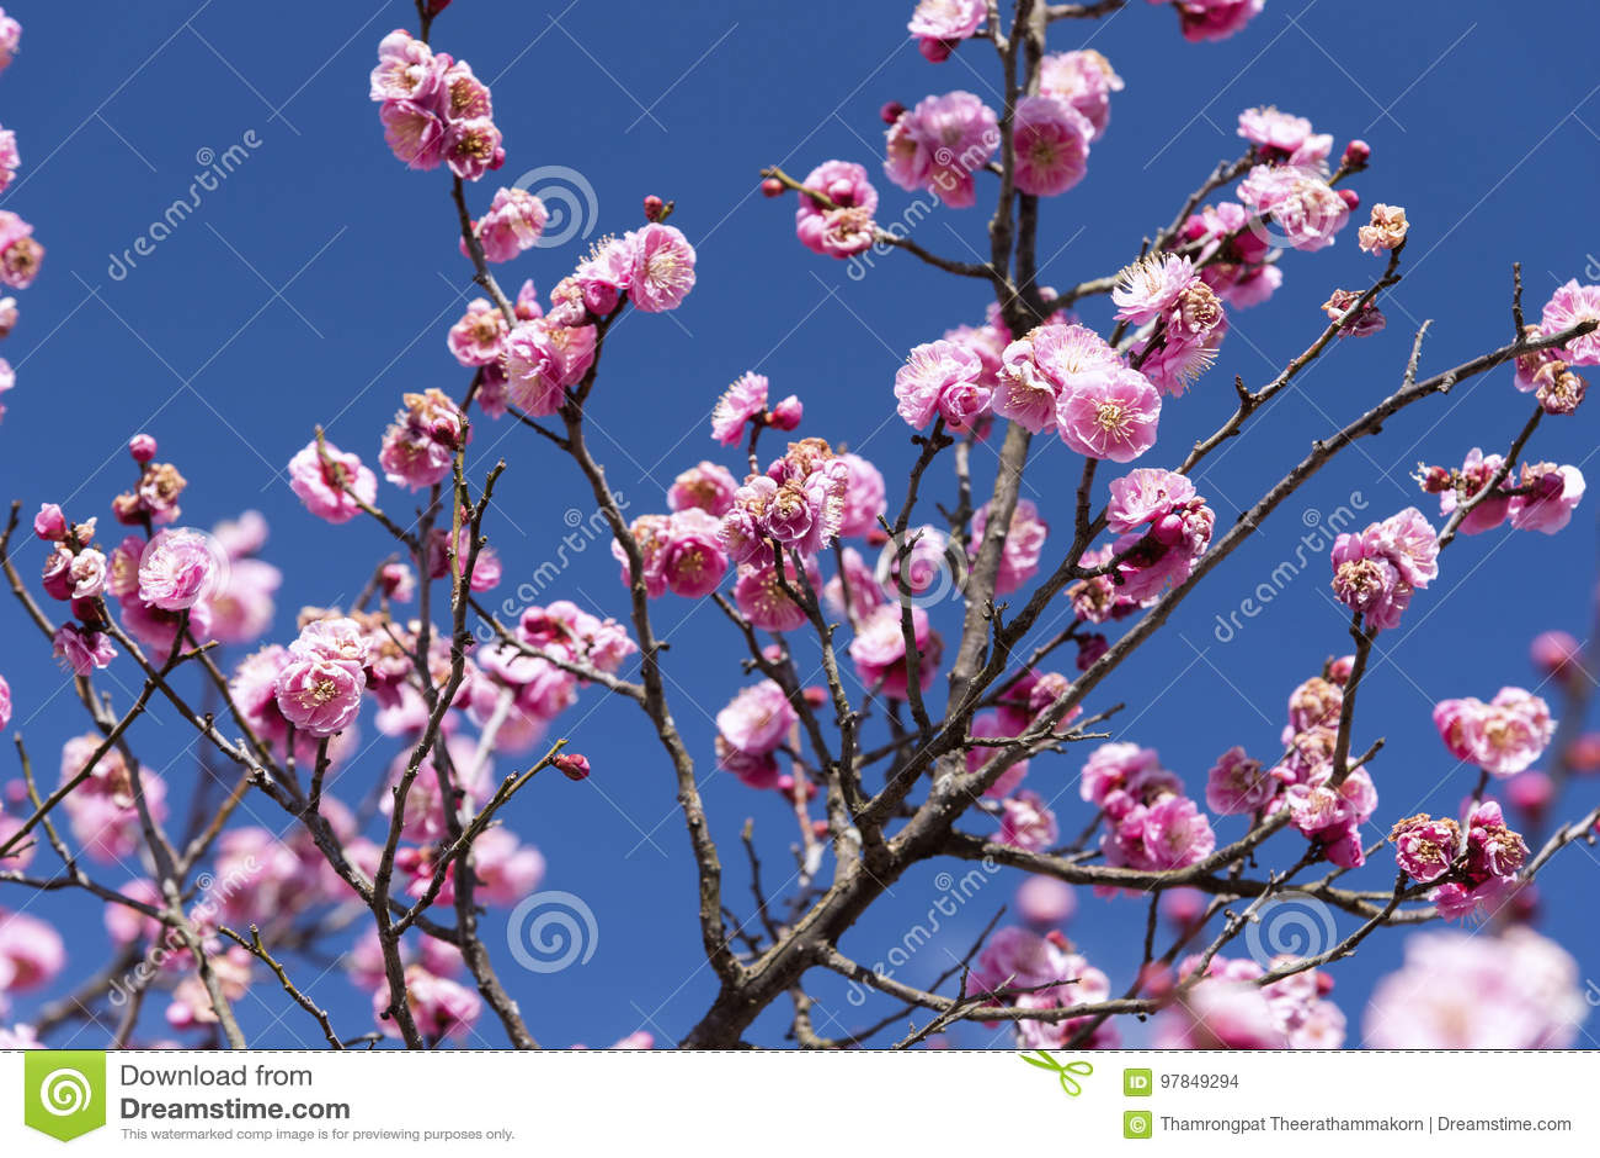 Rosa Blumen von Cherry Plum Baum oder Ume auf japanisch, Japan-Blume, Schönheitskonzept, japanisches Badekurortkonzept